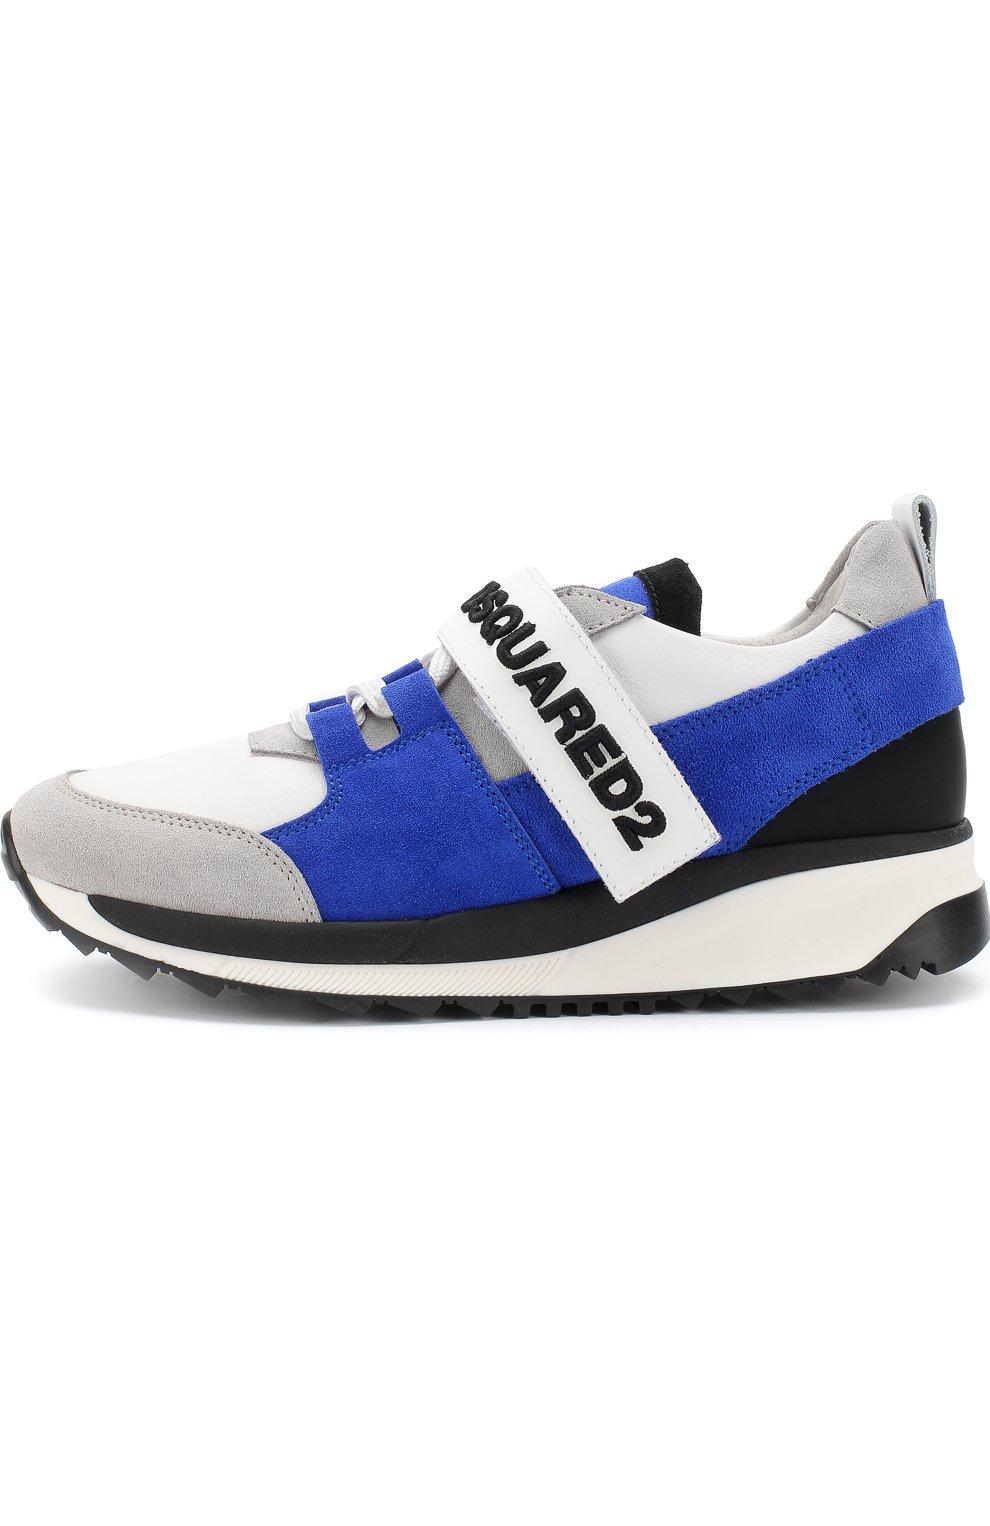 Детские кожаные кроссовки с замшевой отделкой и застежкой велькро DSQUARED2 синего цвета, арт. 54221/36-41 | Фото 2